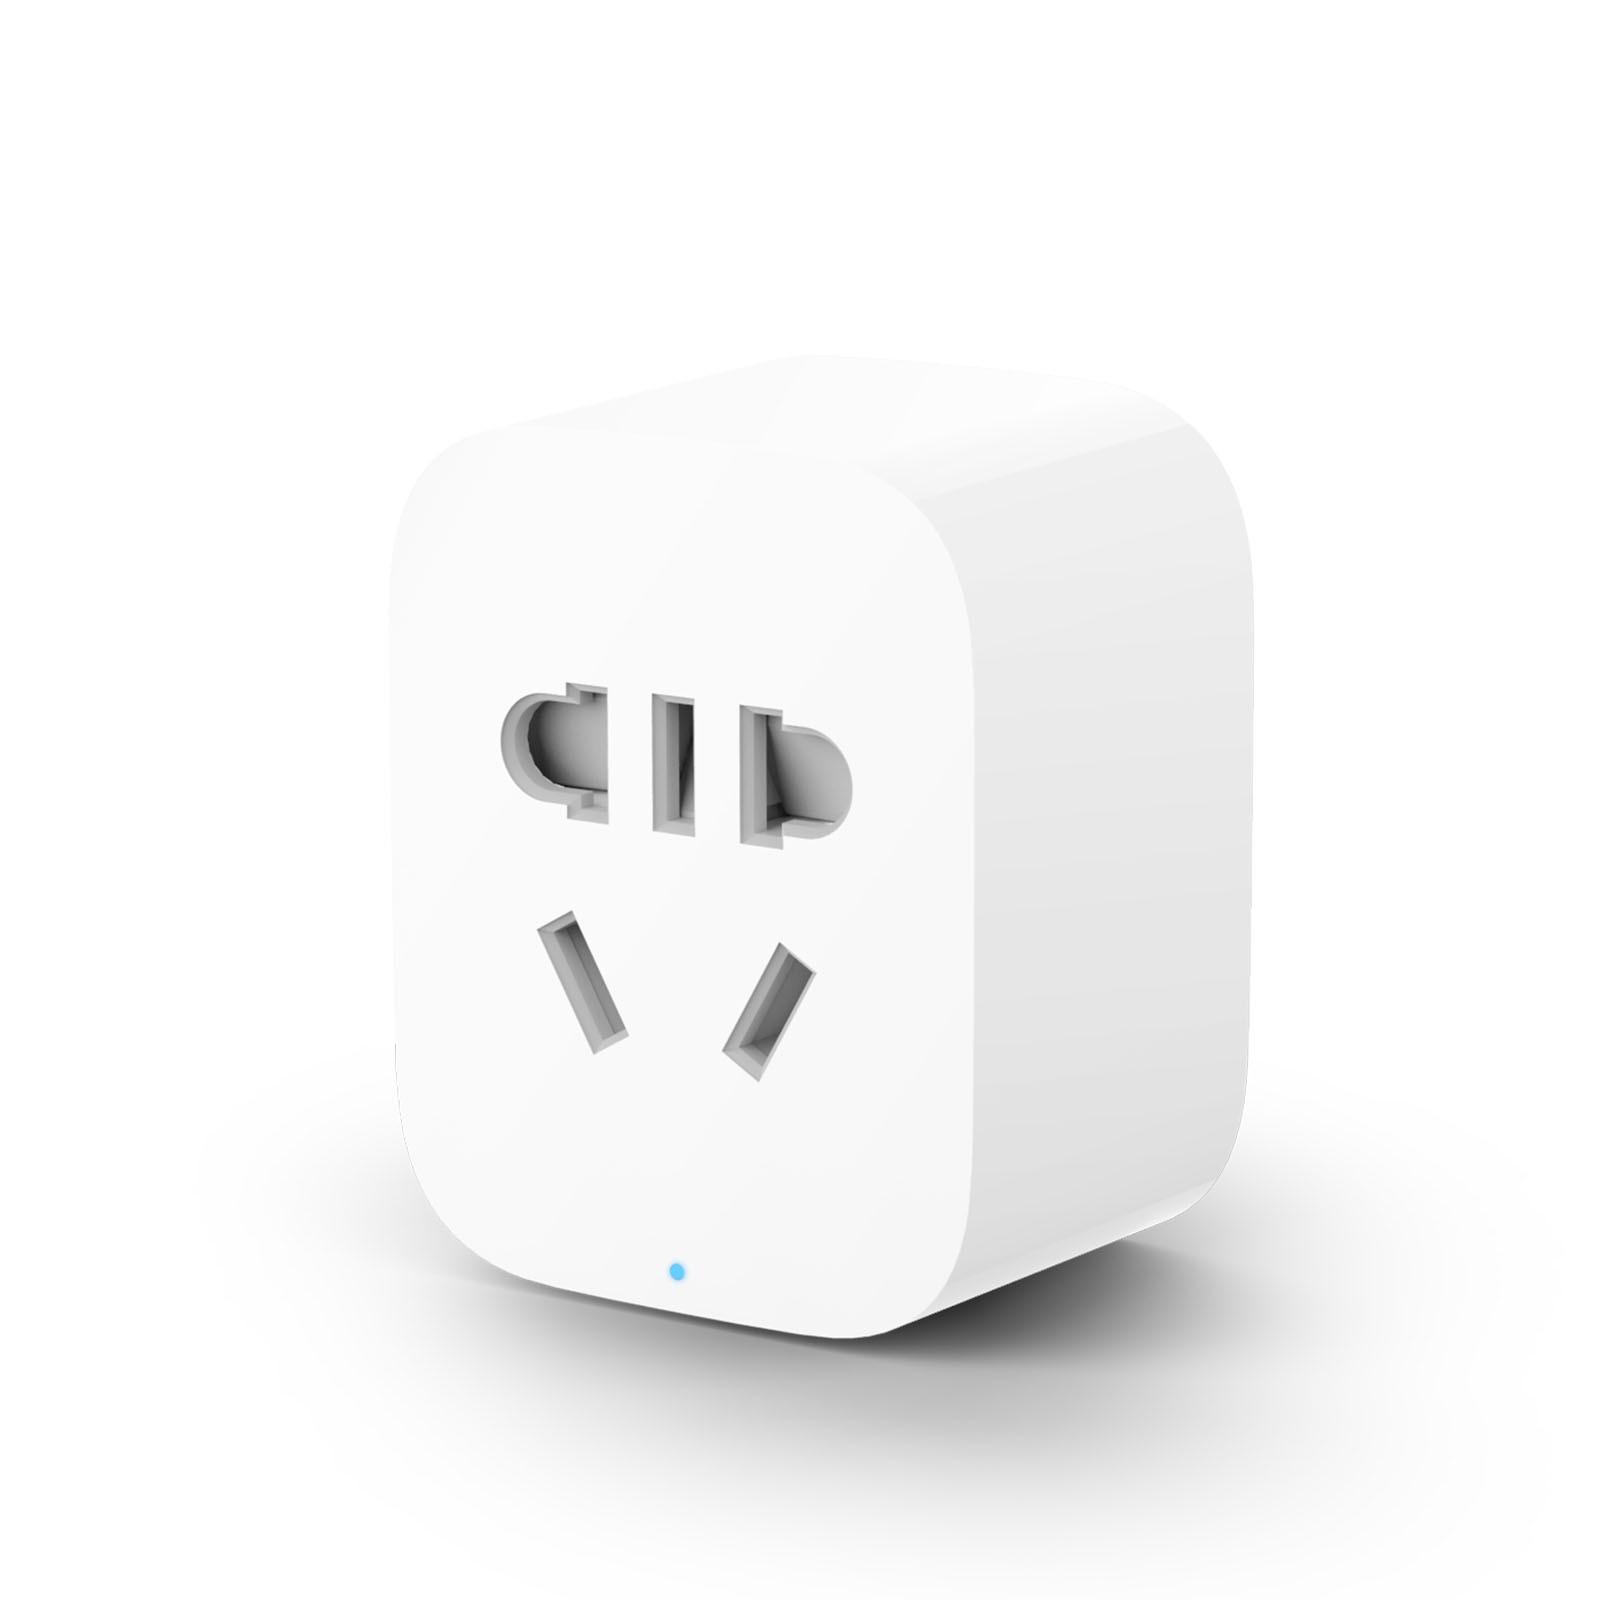 پریز برق هوشمند Mi Plug شیائومی مدل ZigBee